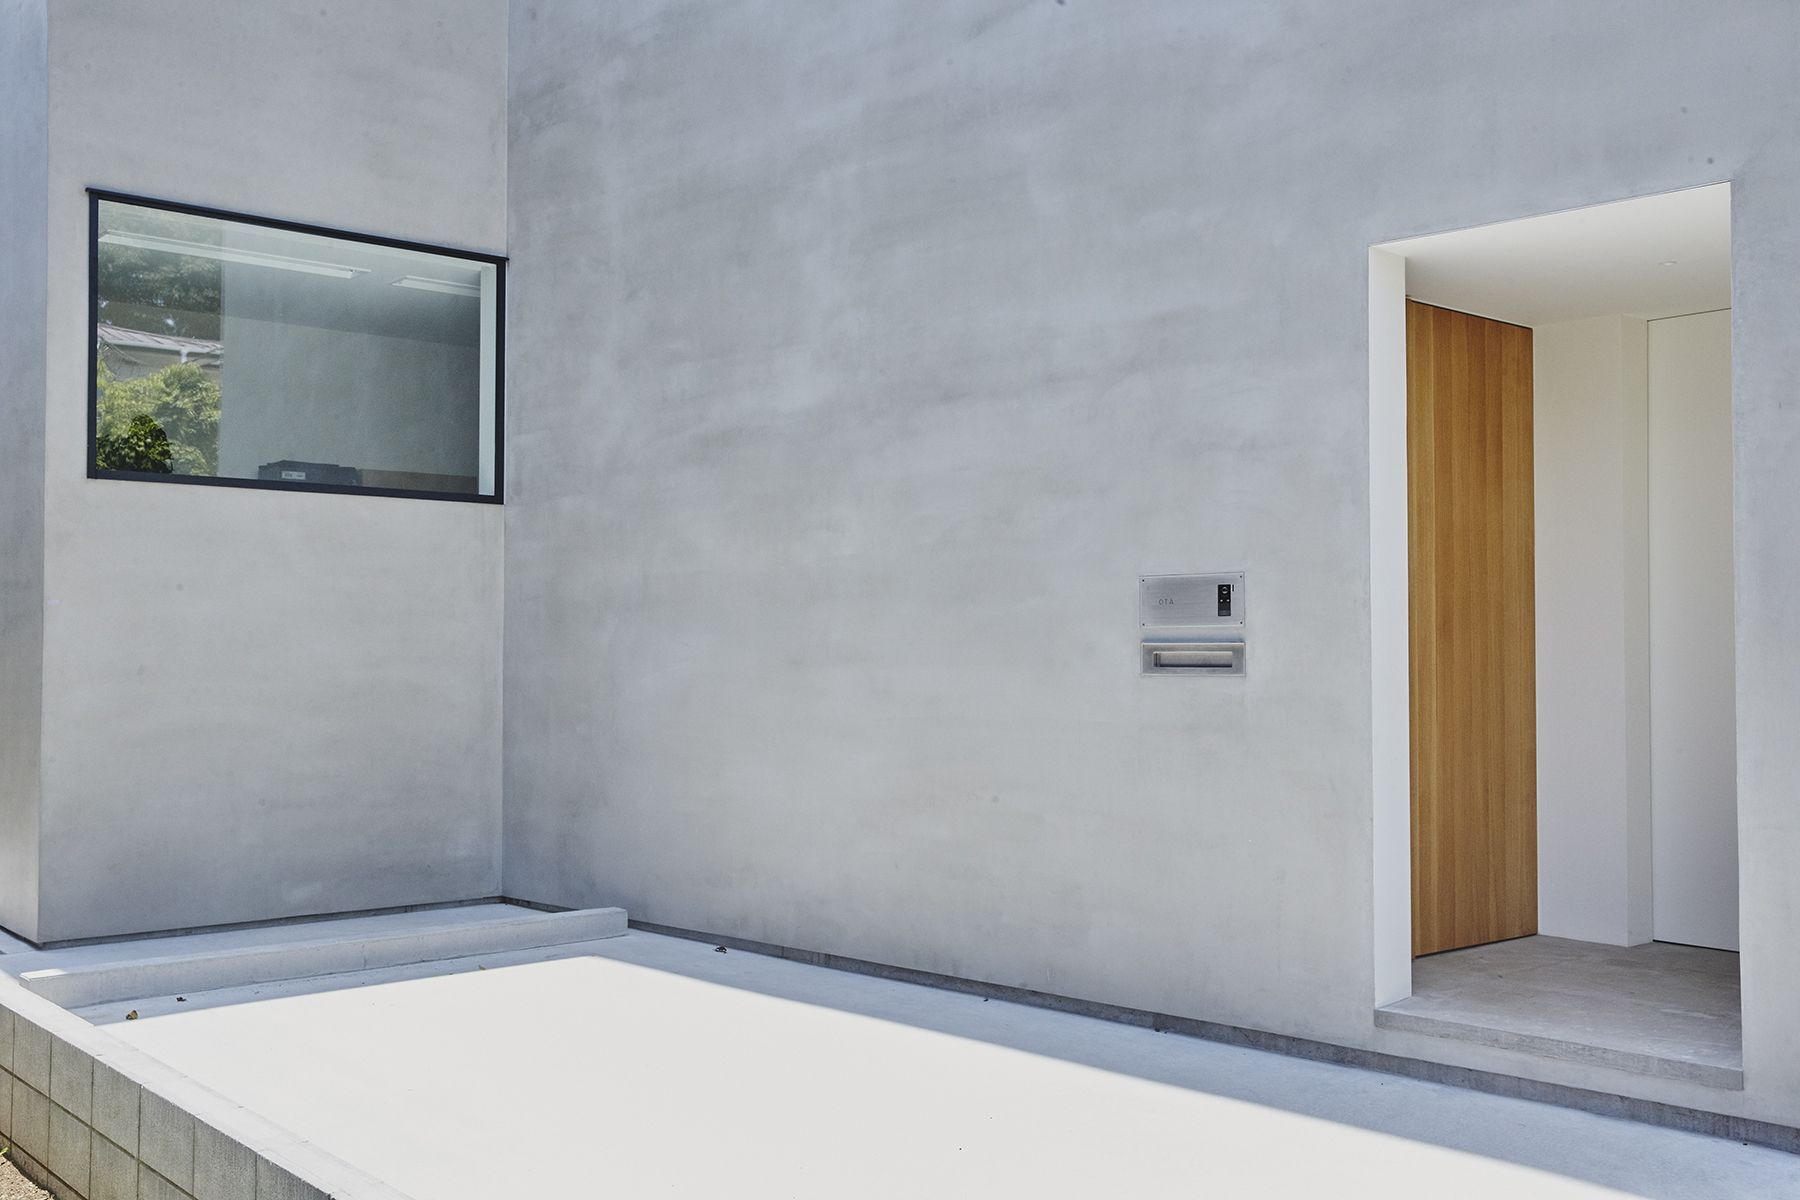 桜新町の家/個人宅 (サクラシンマチノイエ)駐車場